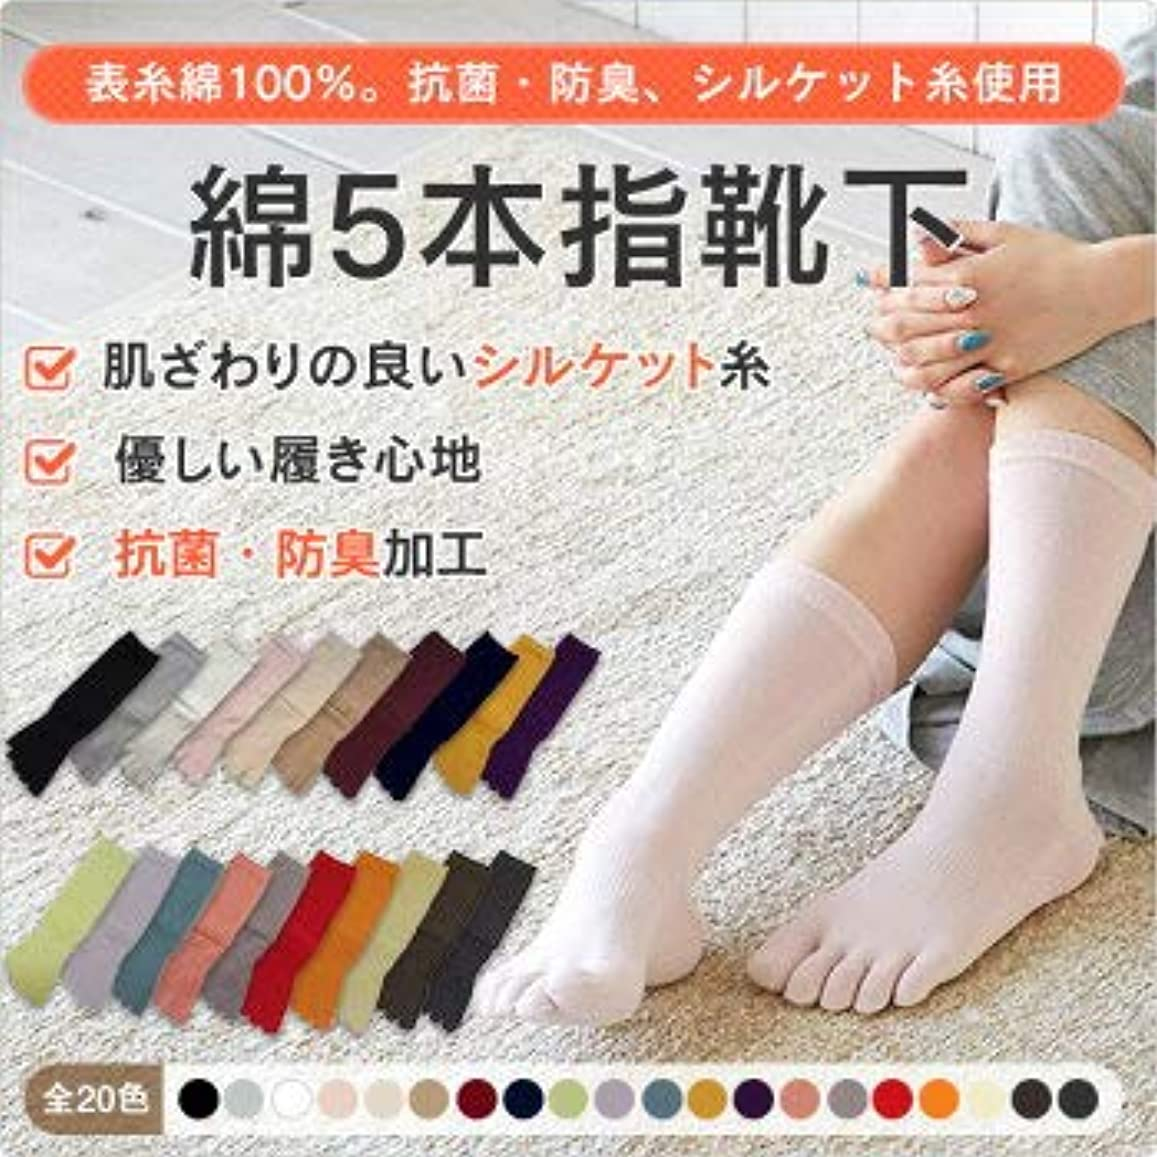 パッド徐々に不変選べる5色 女性用 5本指 ソックス 抗菌防臭 加工 綿100%糸使用 5色組 老舗 靴下 メーカーのこだわり 23-25cm 太陽ニット 3205P